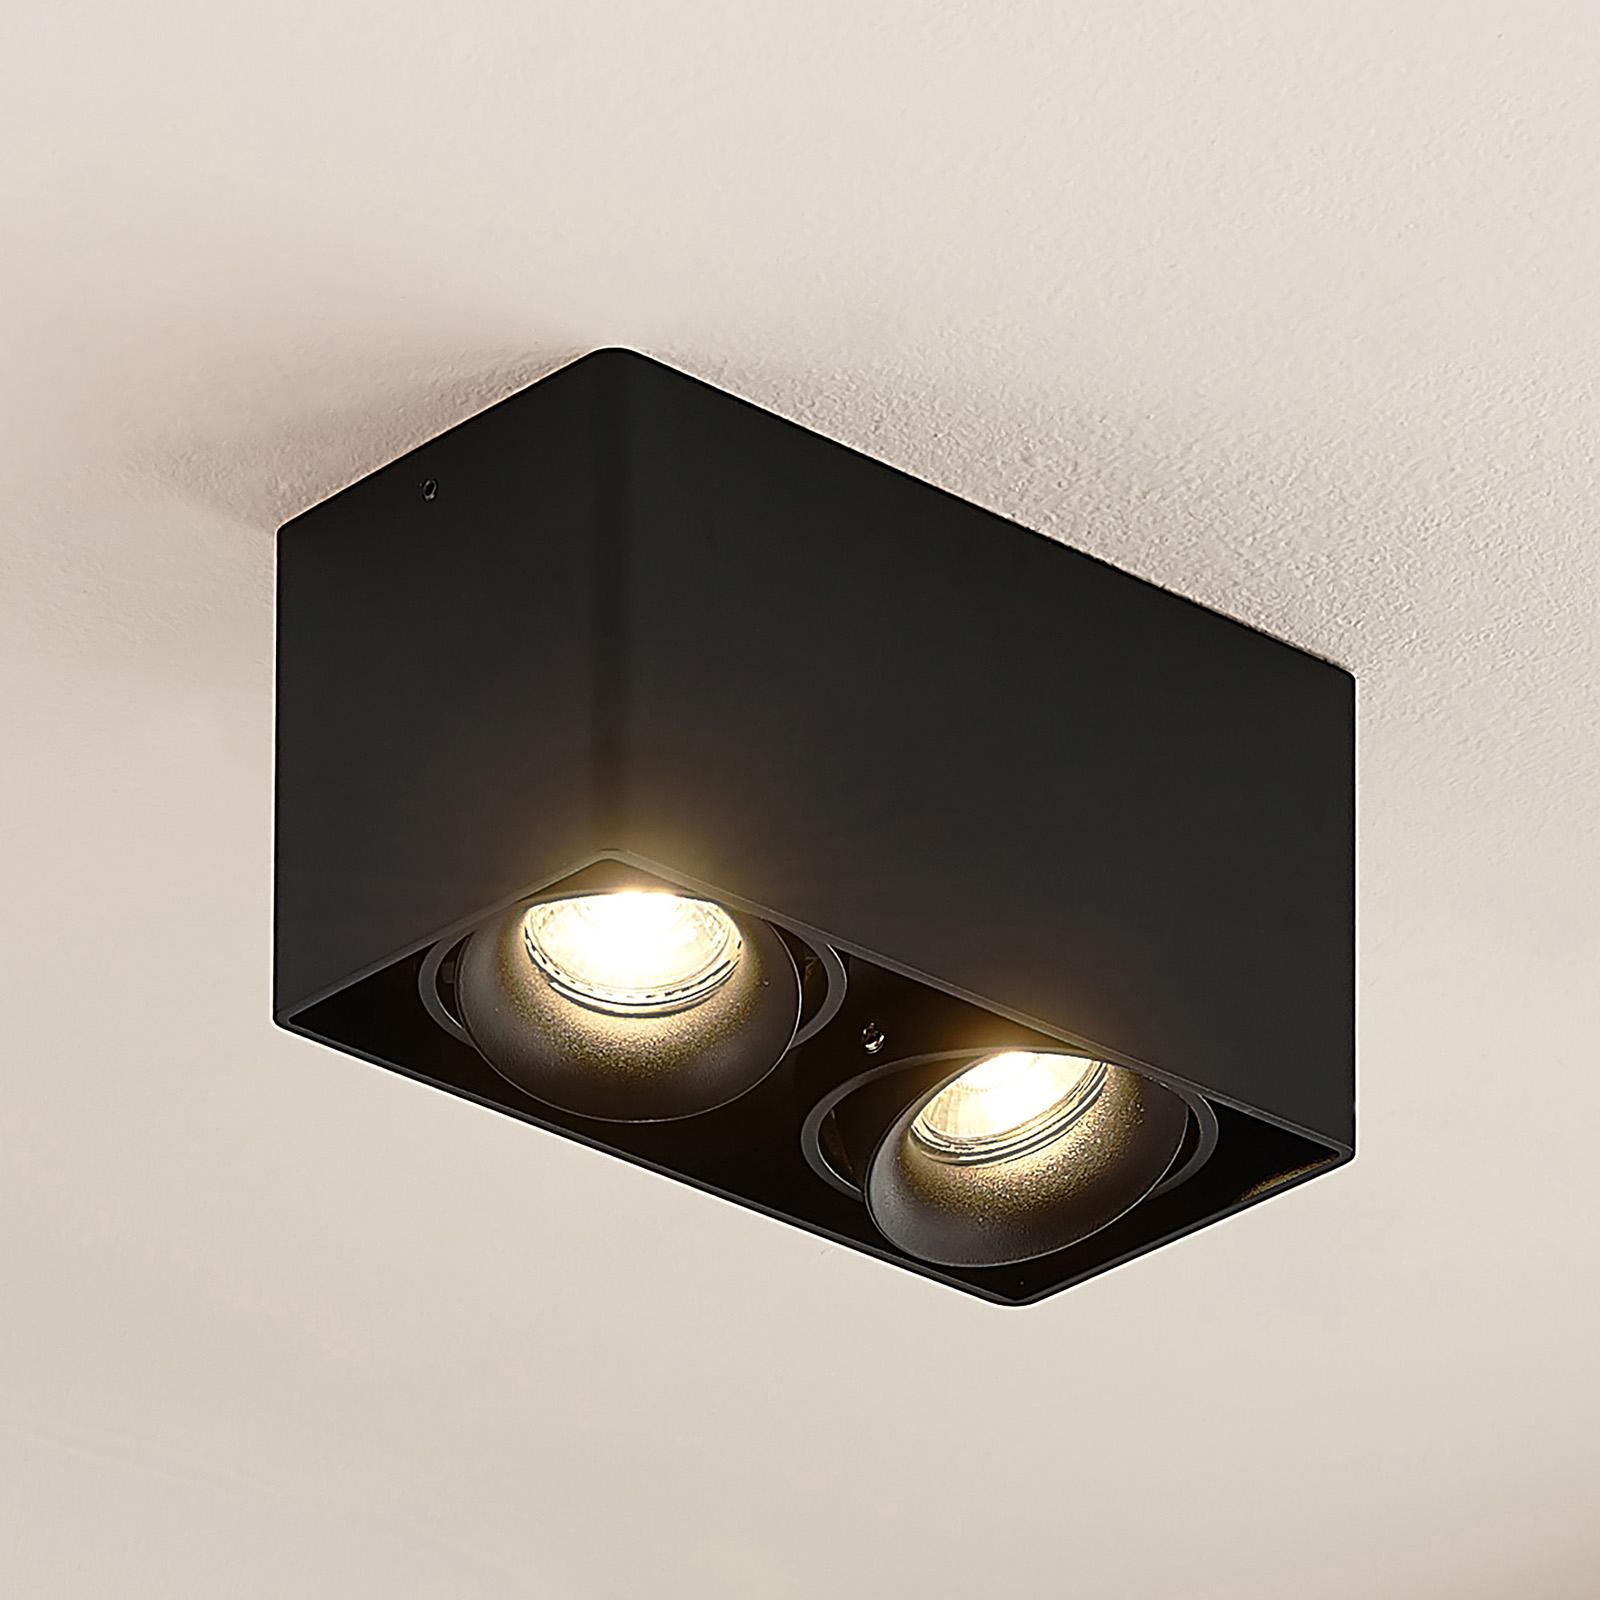 Arcchio Kubika downlight GU10 à 2 lampes, noir